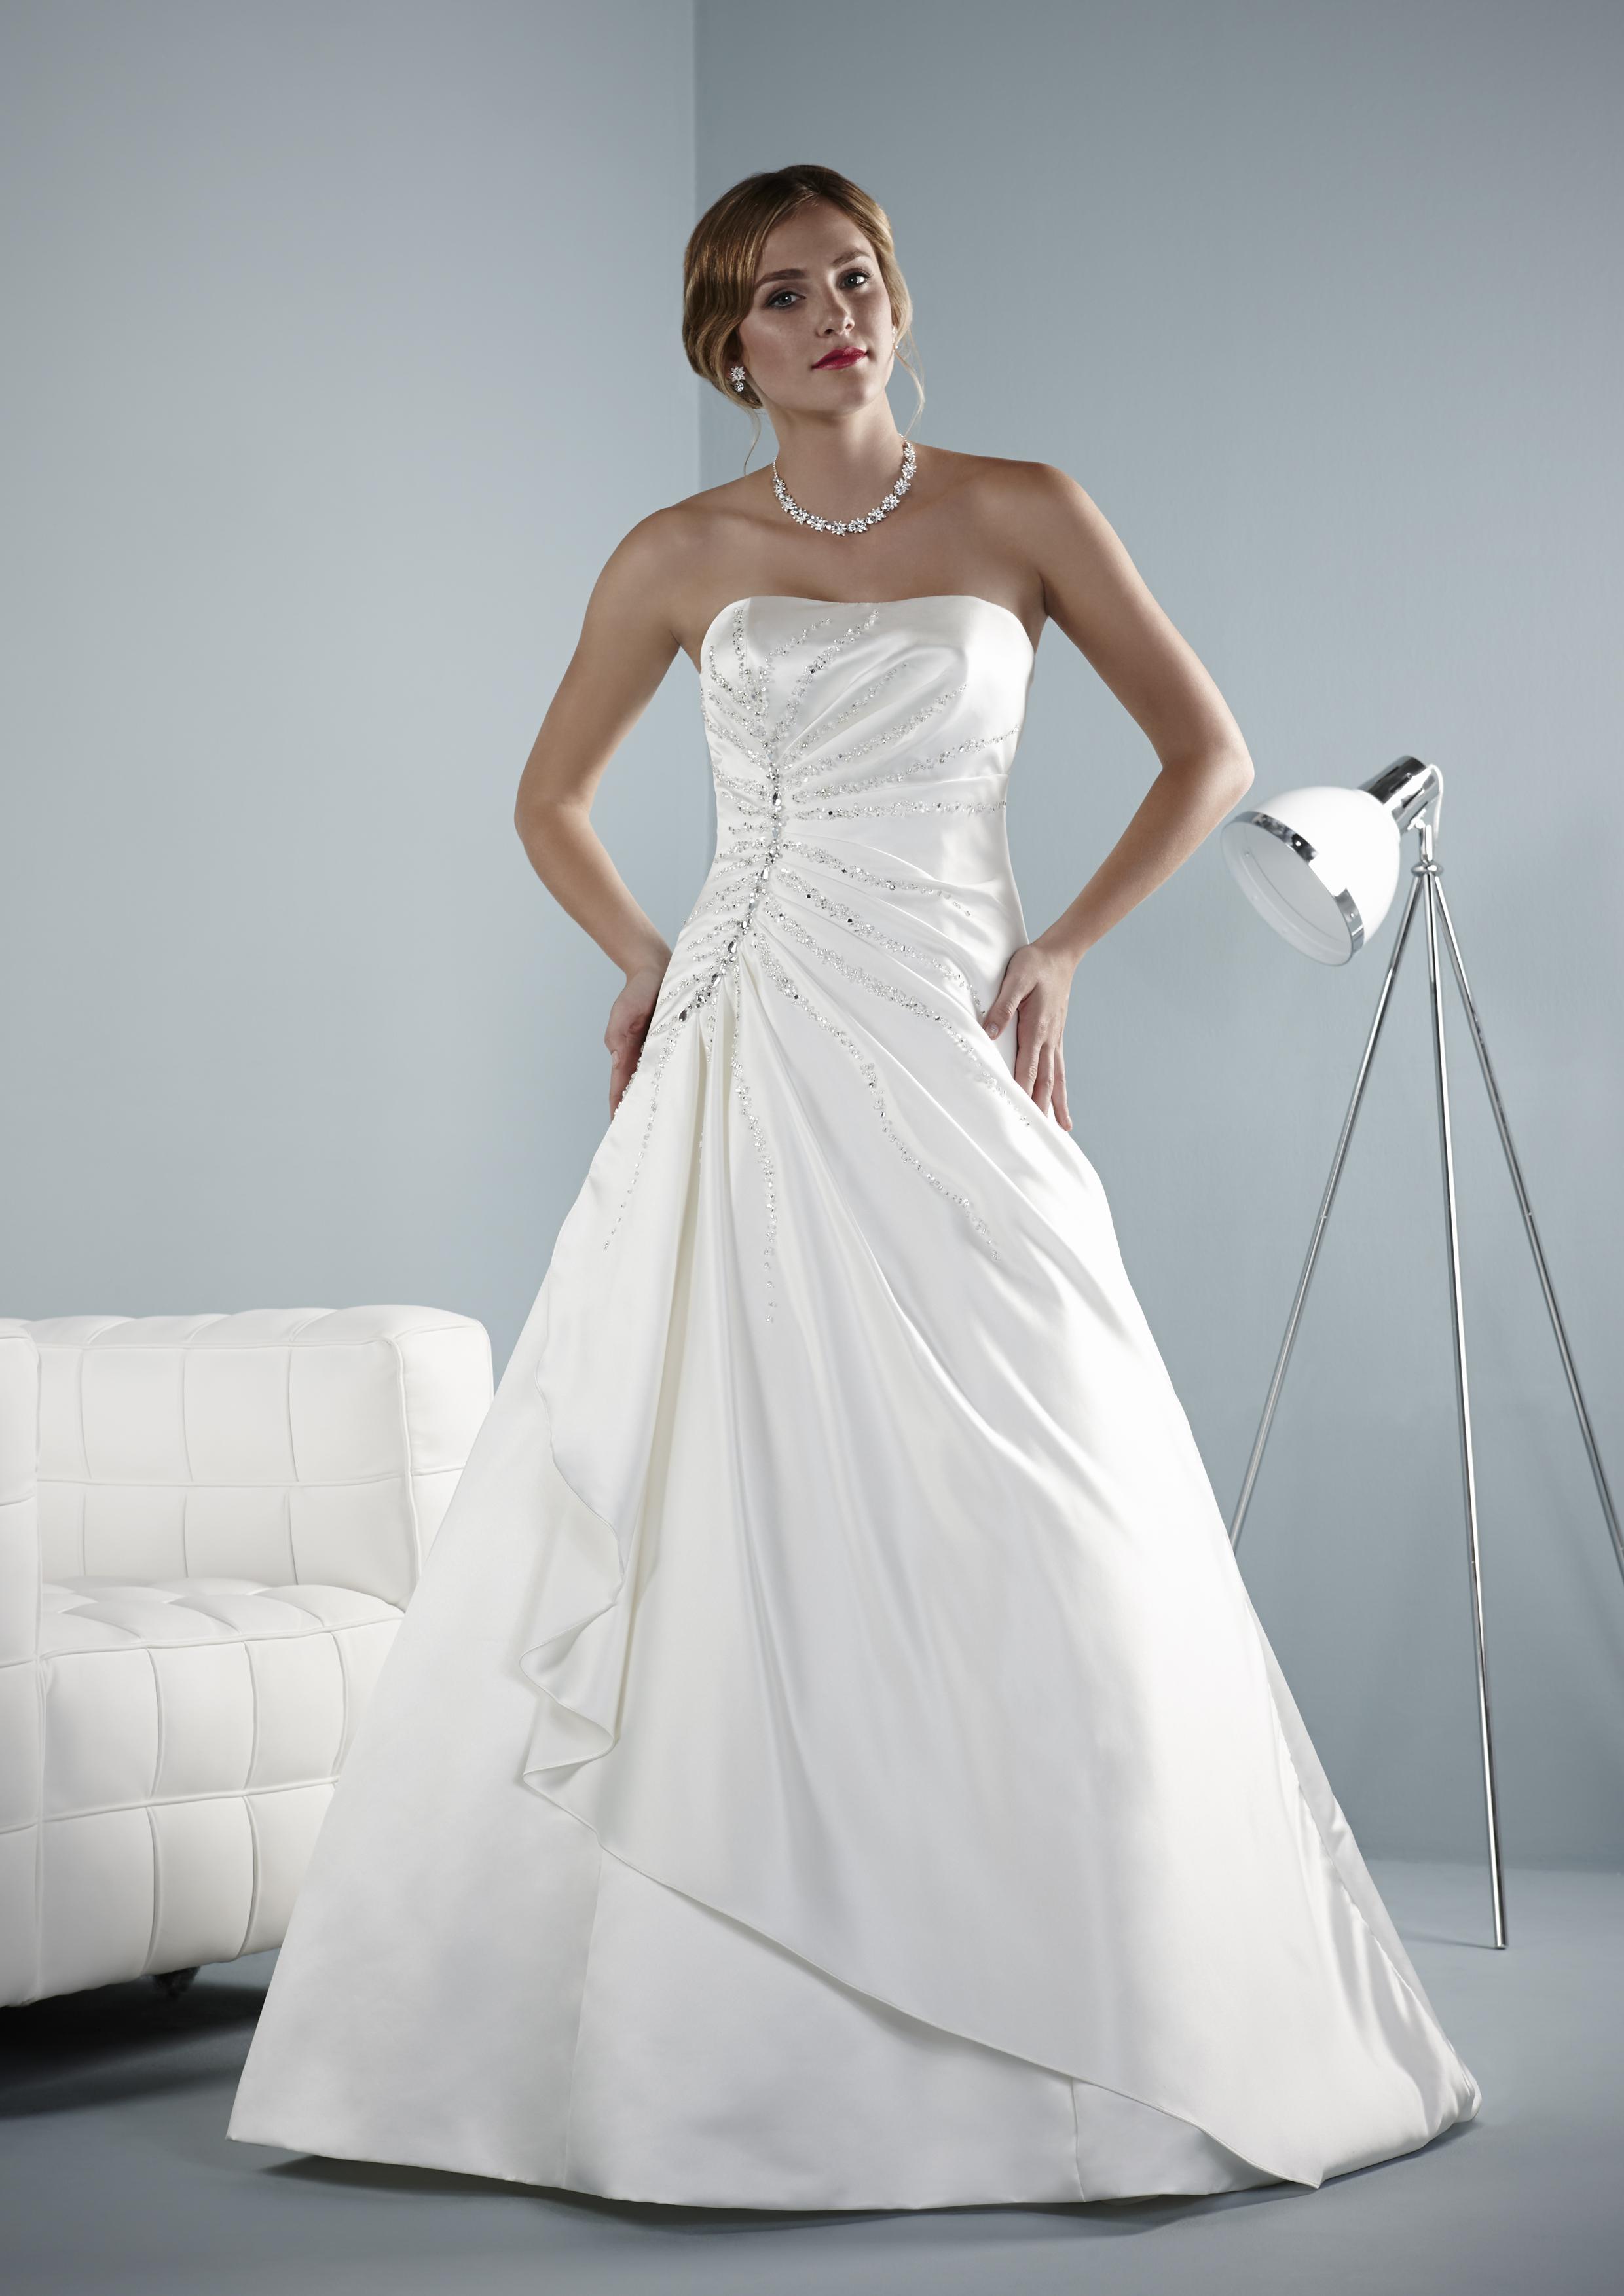 Image Result For Wedding Dresses Glasgow